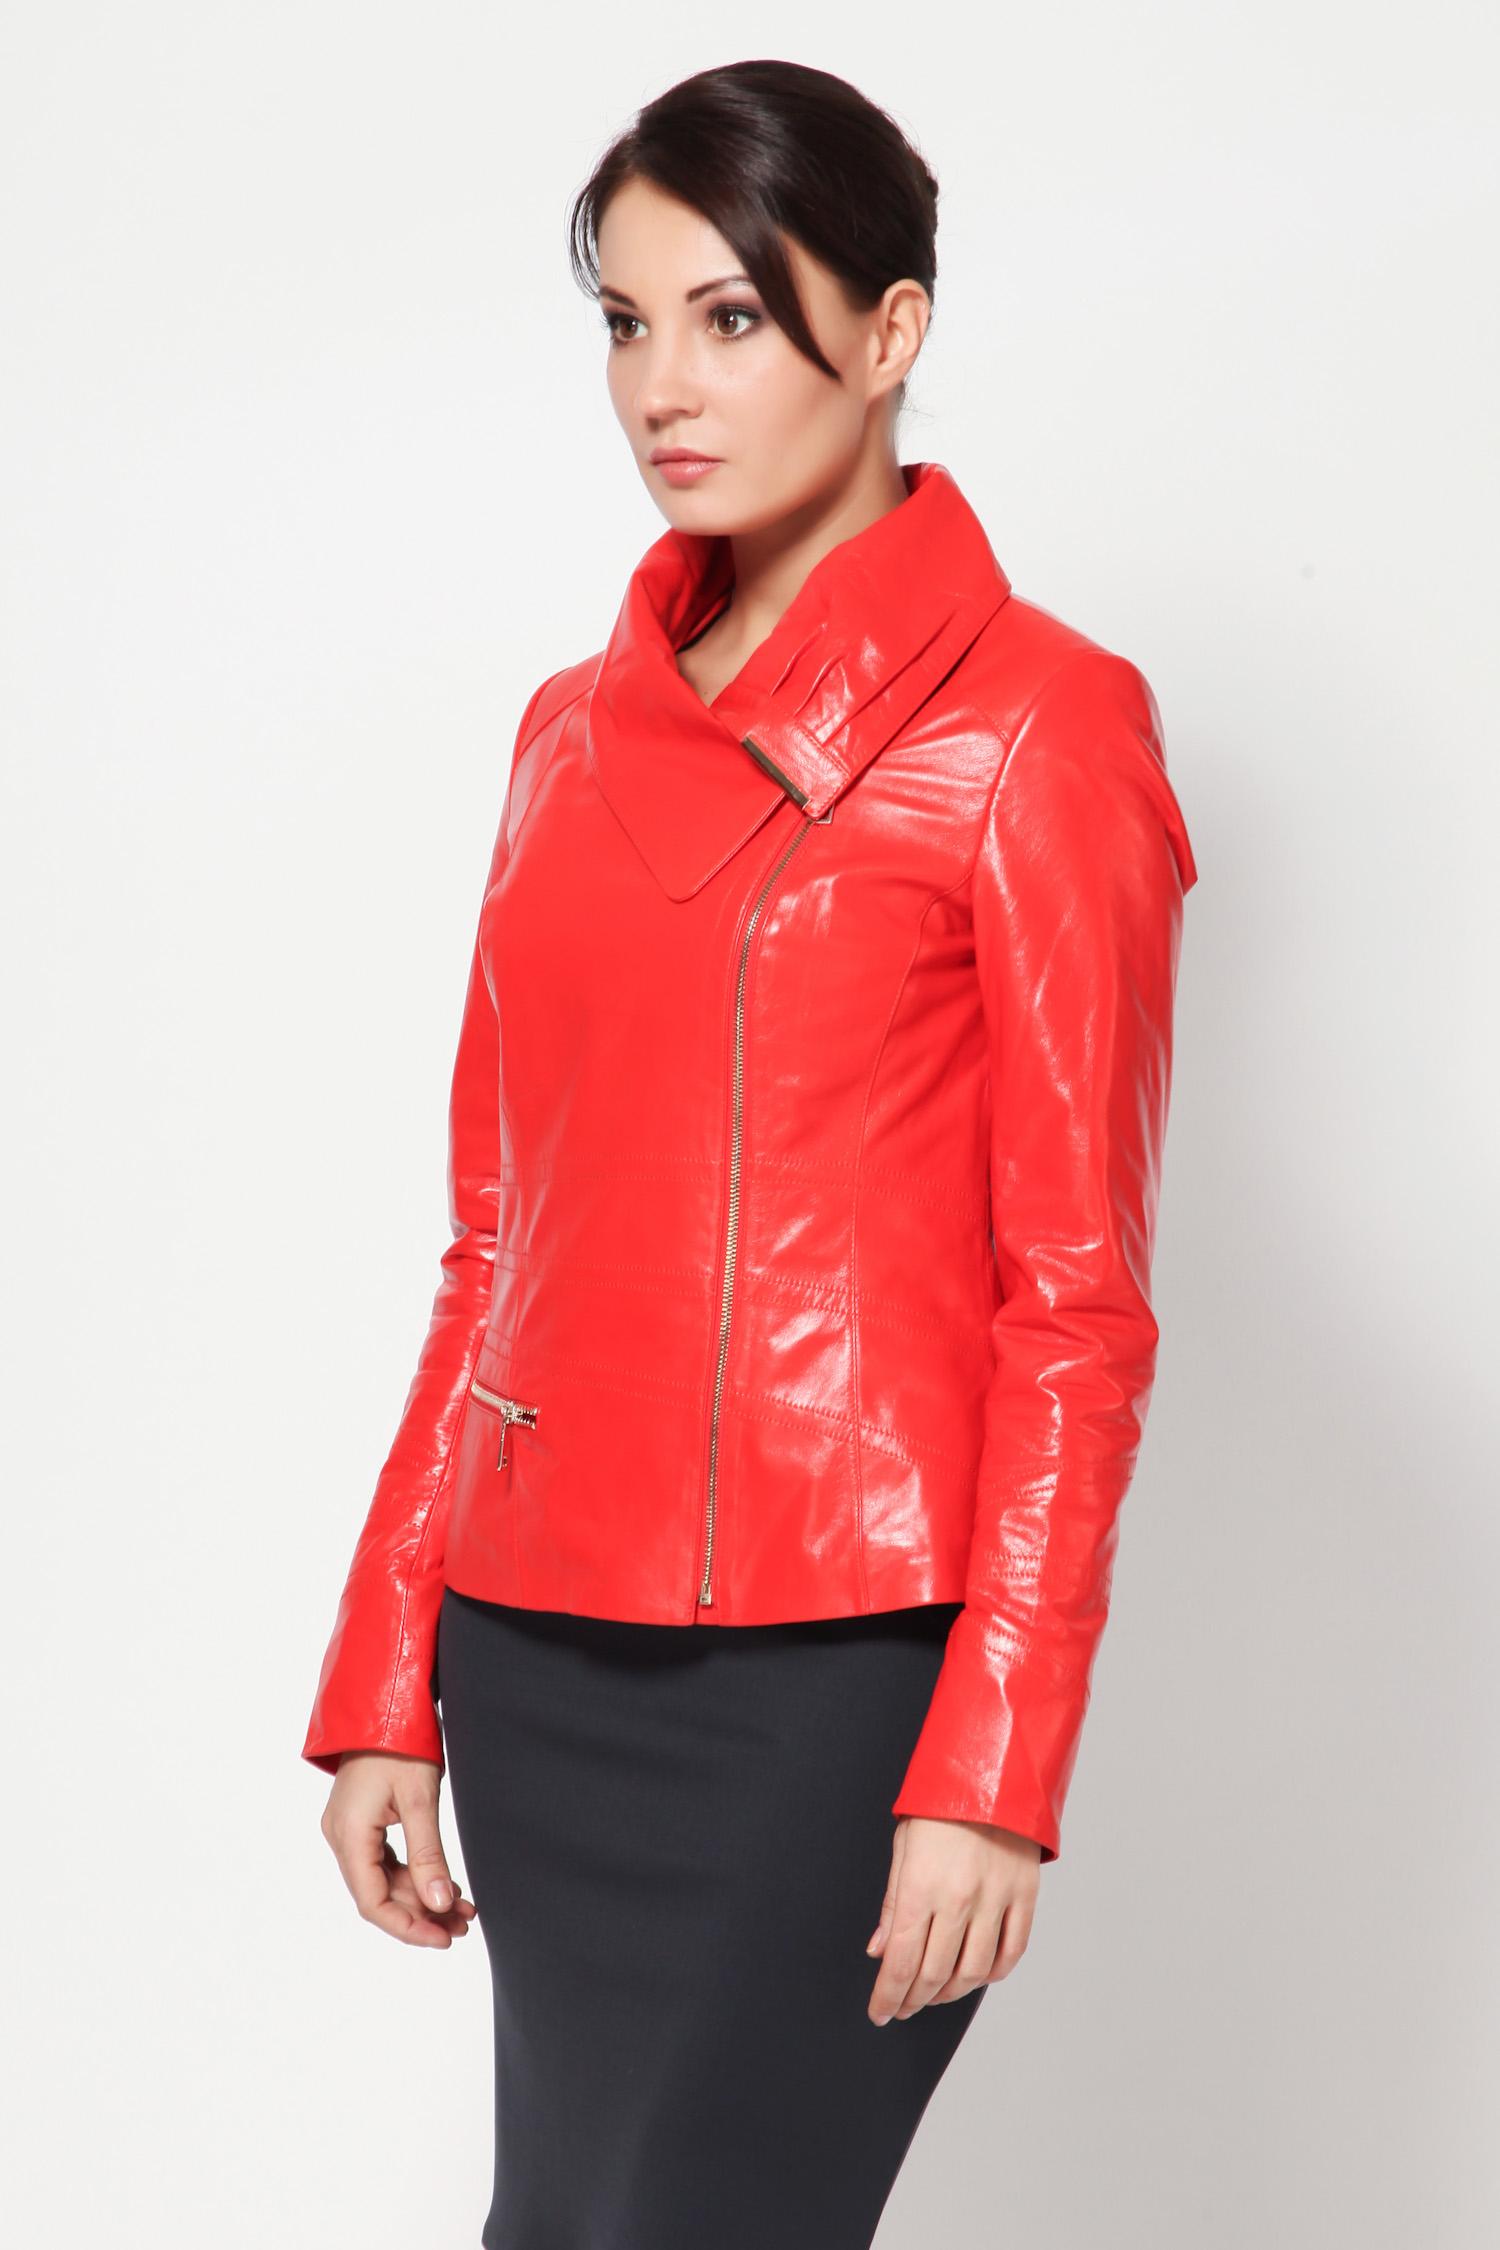 Женская кожаная куртка из натуральной кожи с воротником, без отделкиМолодые, стройные, дерзкие, уверенные в себе, яркие и стильные  эта новинка для вас! Оригинальная ярко-красная кожаная куртка, станет для вас синонимом свободы и раскрепощенности.<br><br>Первое, что привлекает внимание в данной модели  это, конечно же, цвет. Красный цвет по традиции связывается с цветом пламени. Девушка, предпочитающая красный цвет в одежде, не без основания считает себя лучшей. Это цвет страсти натуры и силы характера.<br><br>Куртка сделана из мягкой кожи. С этой моделью невероятным образом сочетается все  от мини-юбки до джинсов. Модель приталенная, идеально подчеркивает фигуру. Прямая линия застежки и отложной воротник со смещением акцентируют внимание на шее. Рукава прямые, длинные и узкие.<br><br>Подкладка украшена крупными разноцветными полосками. Такую куртку очень приятно носить!<br><br>Воротник: Оригинальный<br>Длина см: 55<br>Материал: Плонже<br>Цвет: Красный<br>Пол: Женский